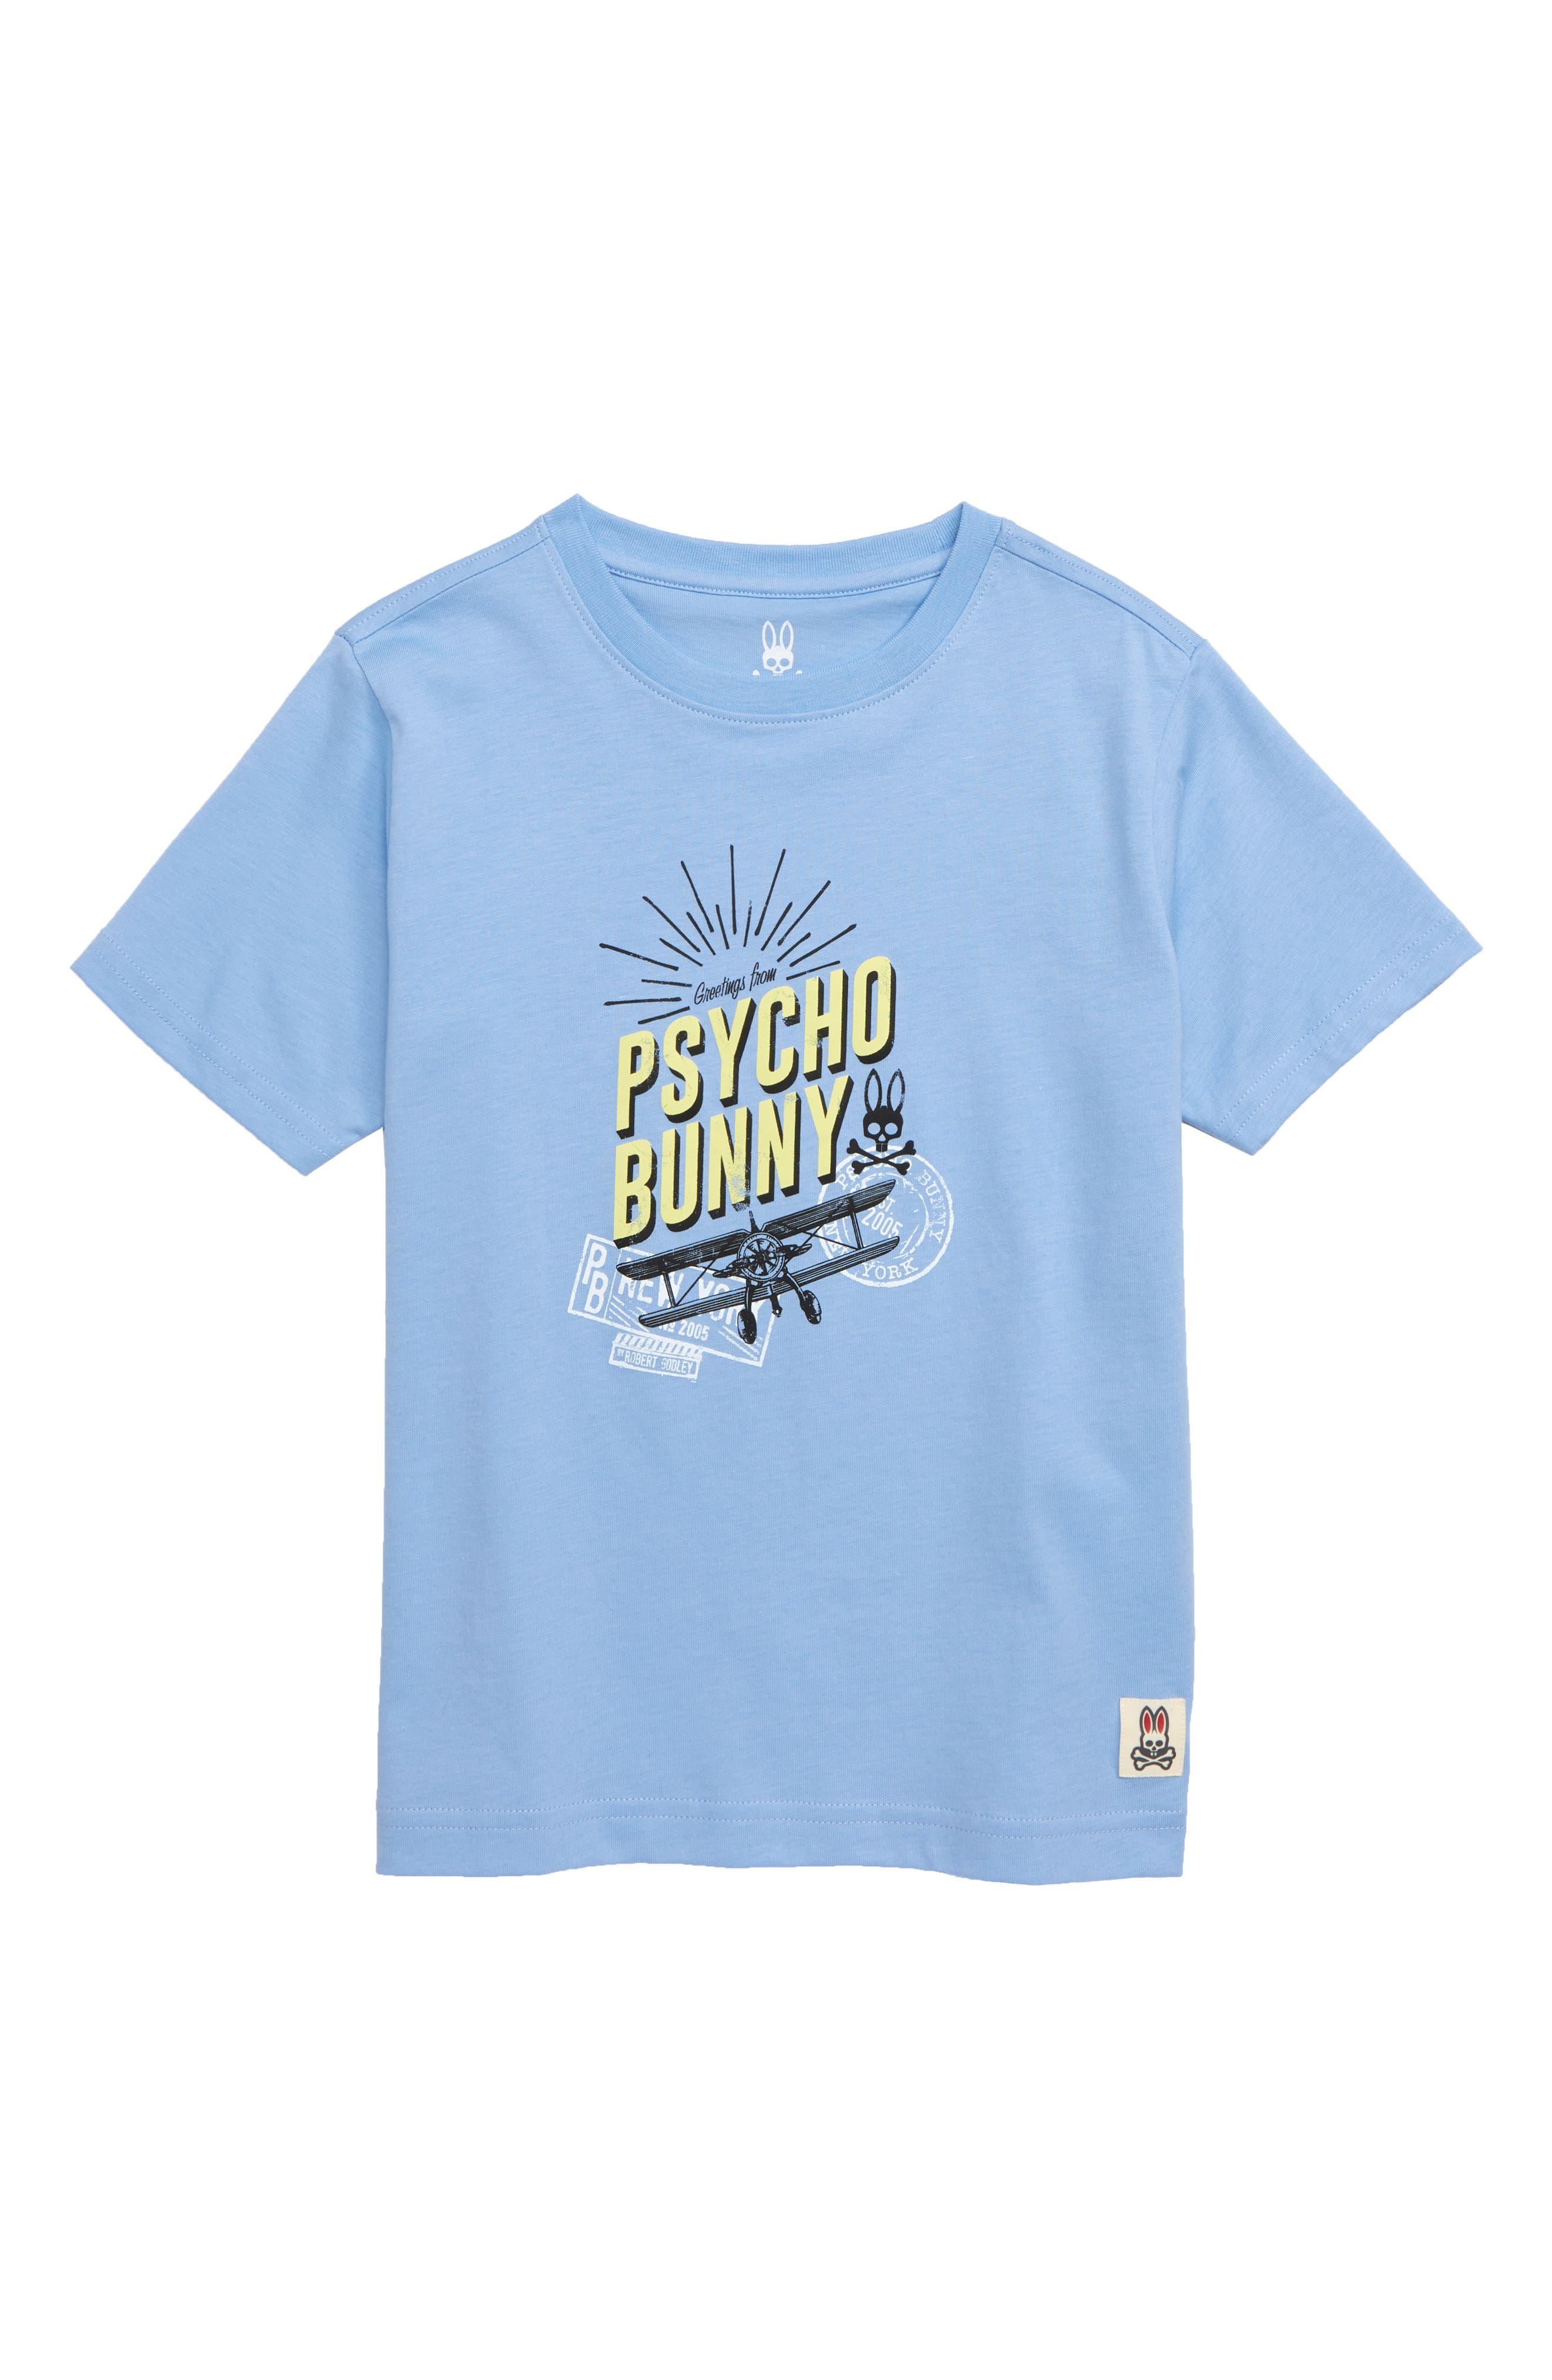 Otley T-Shirt,                             Main thumbnail 1, color,                             VISTA